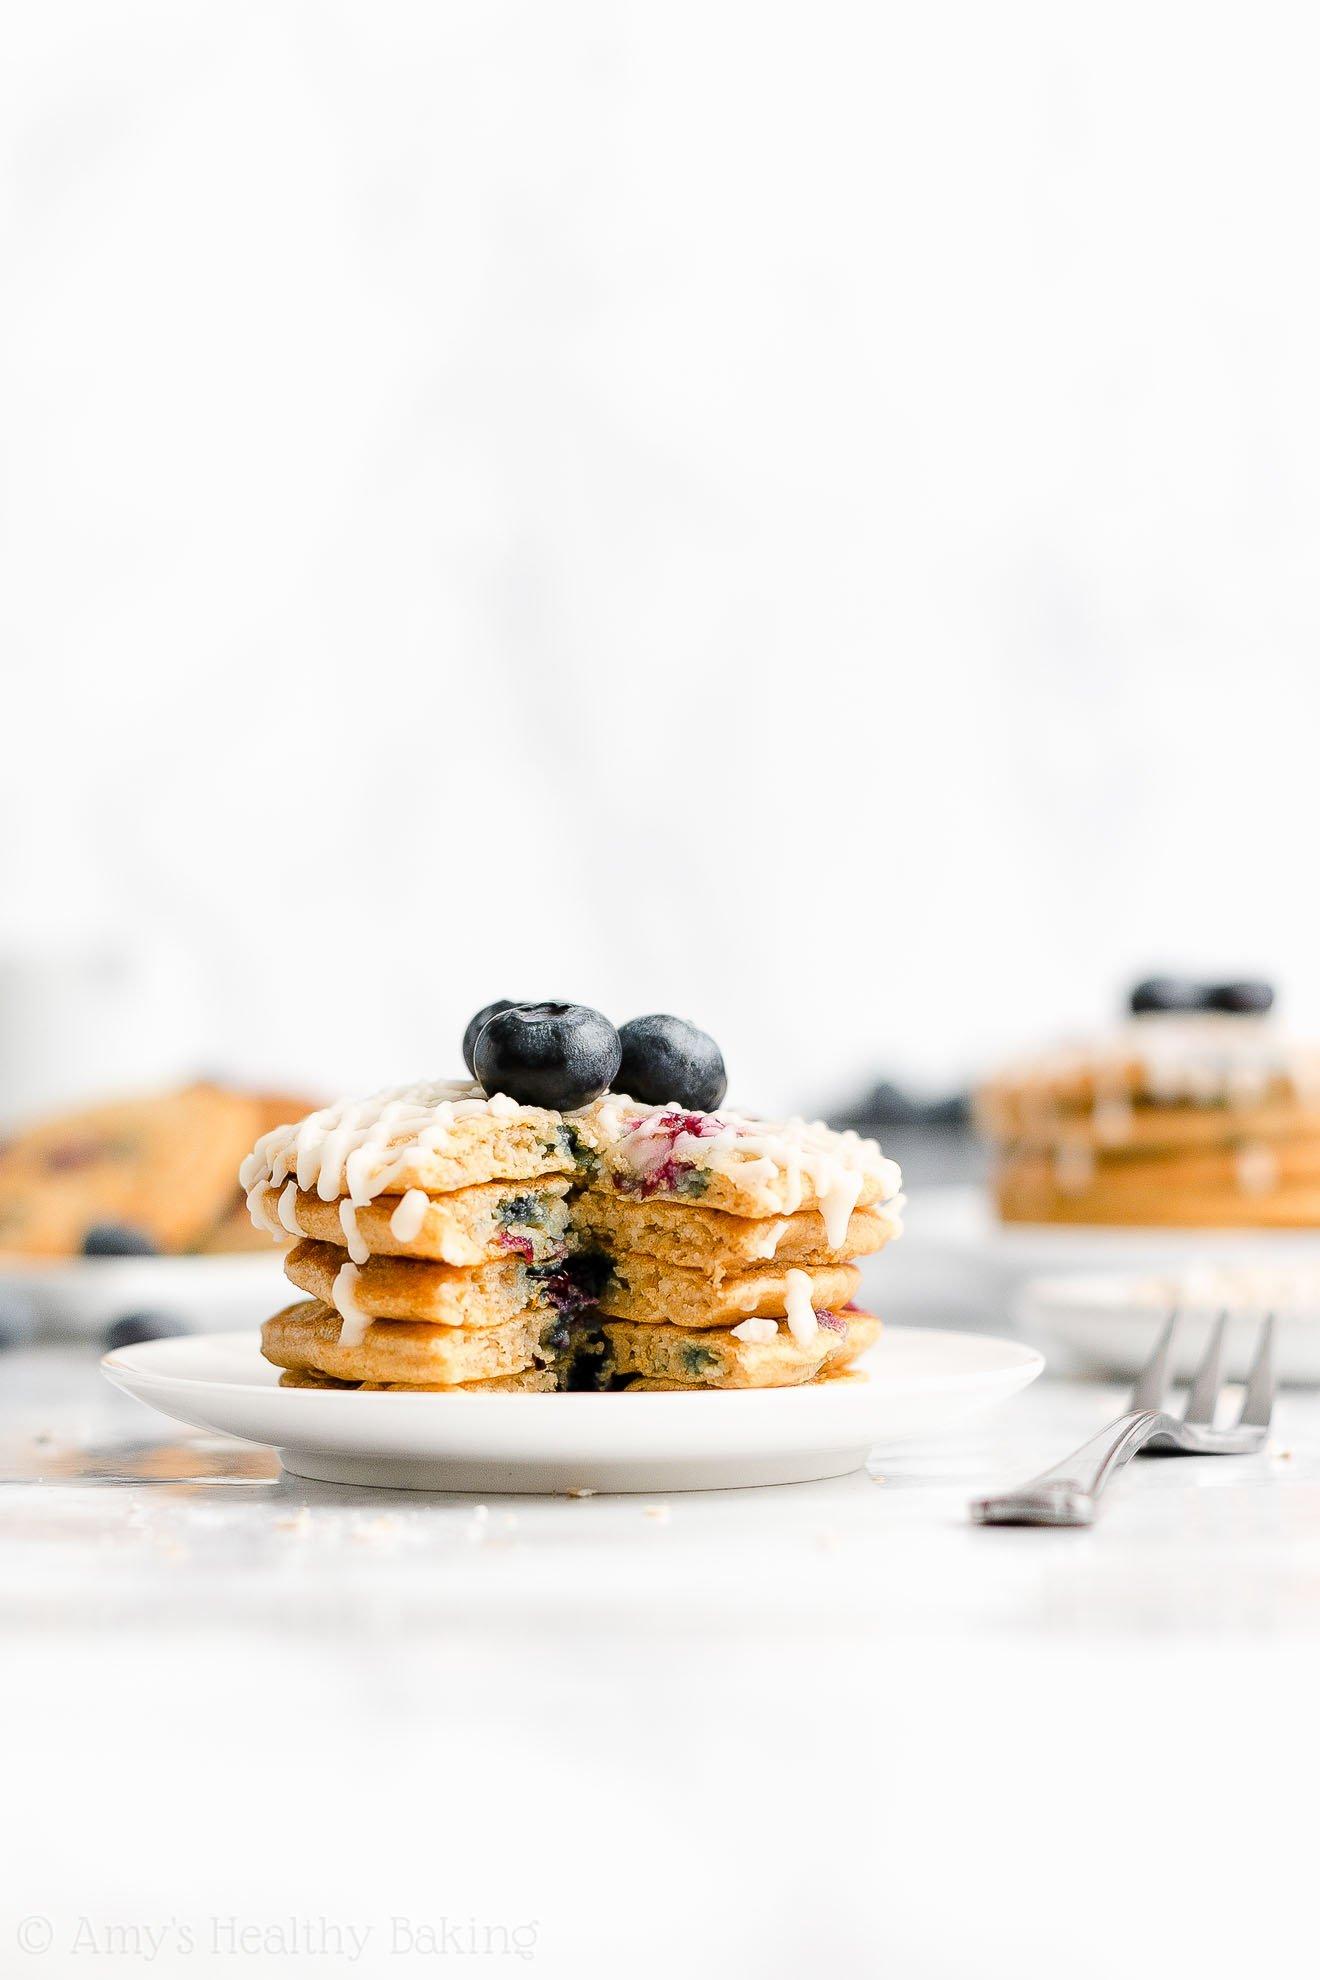 Easy Healthy Gluten Free Greek Yogurt Fluffy Blueberry Oatmeal Pancakes